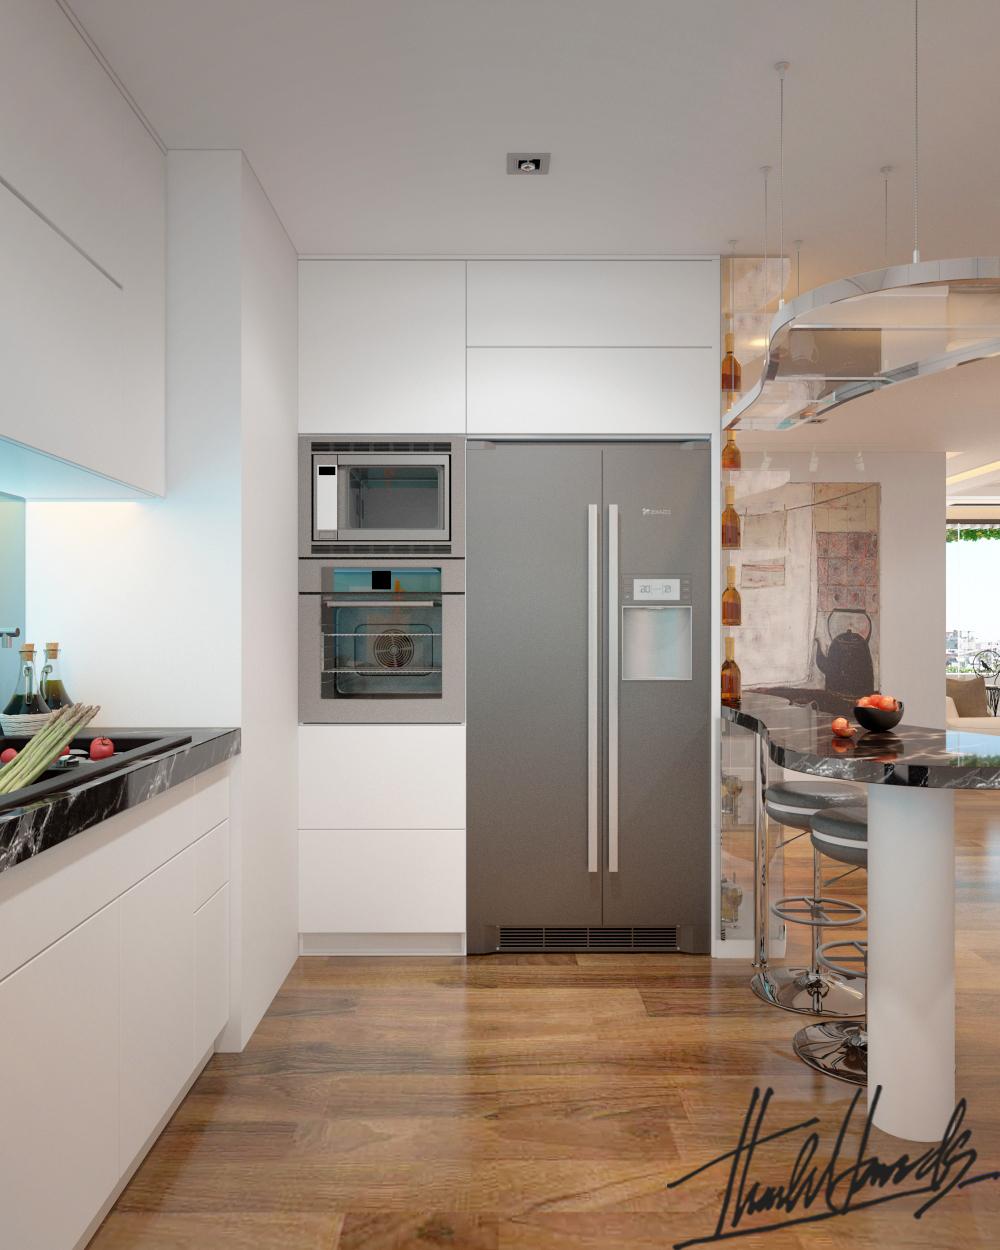 thiết kế nội thất chung cư tại Hà Nội Chung Cư Diamond Flower 5 1568274025